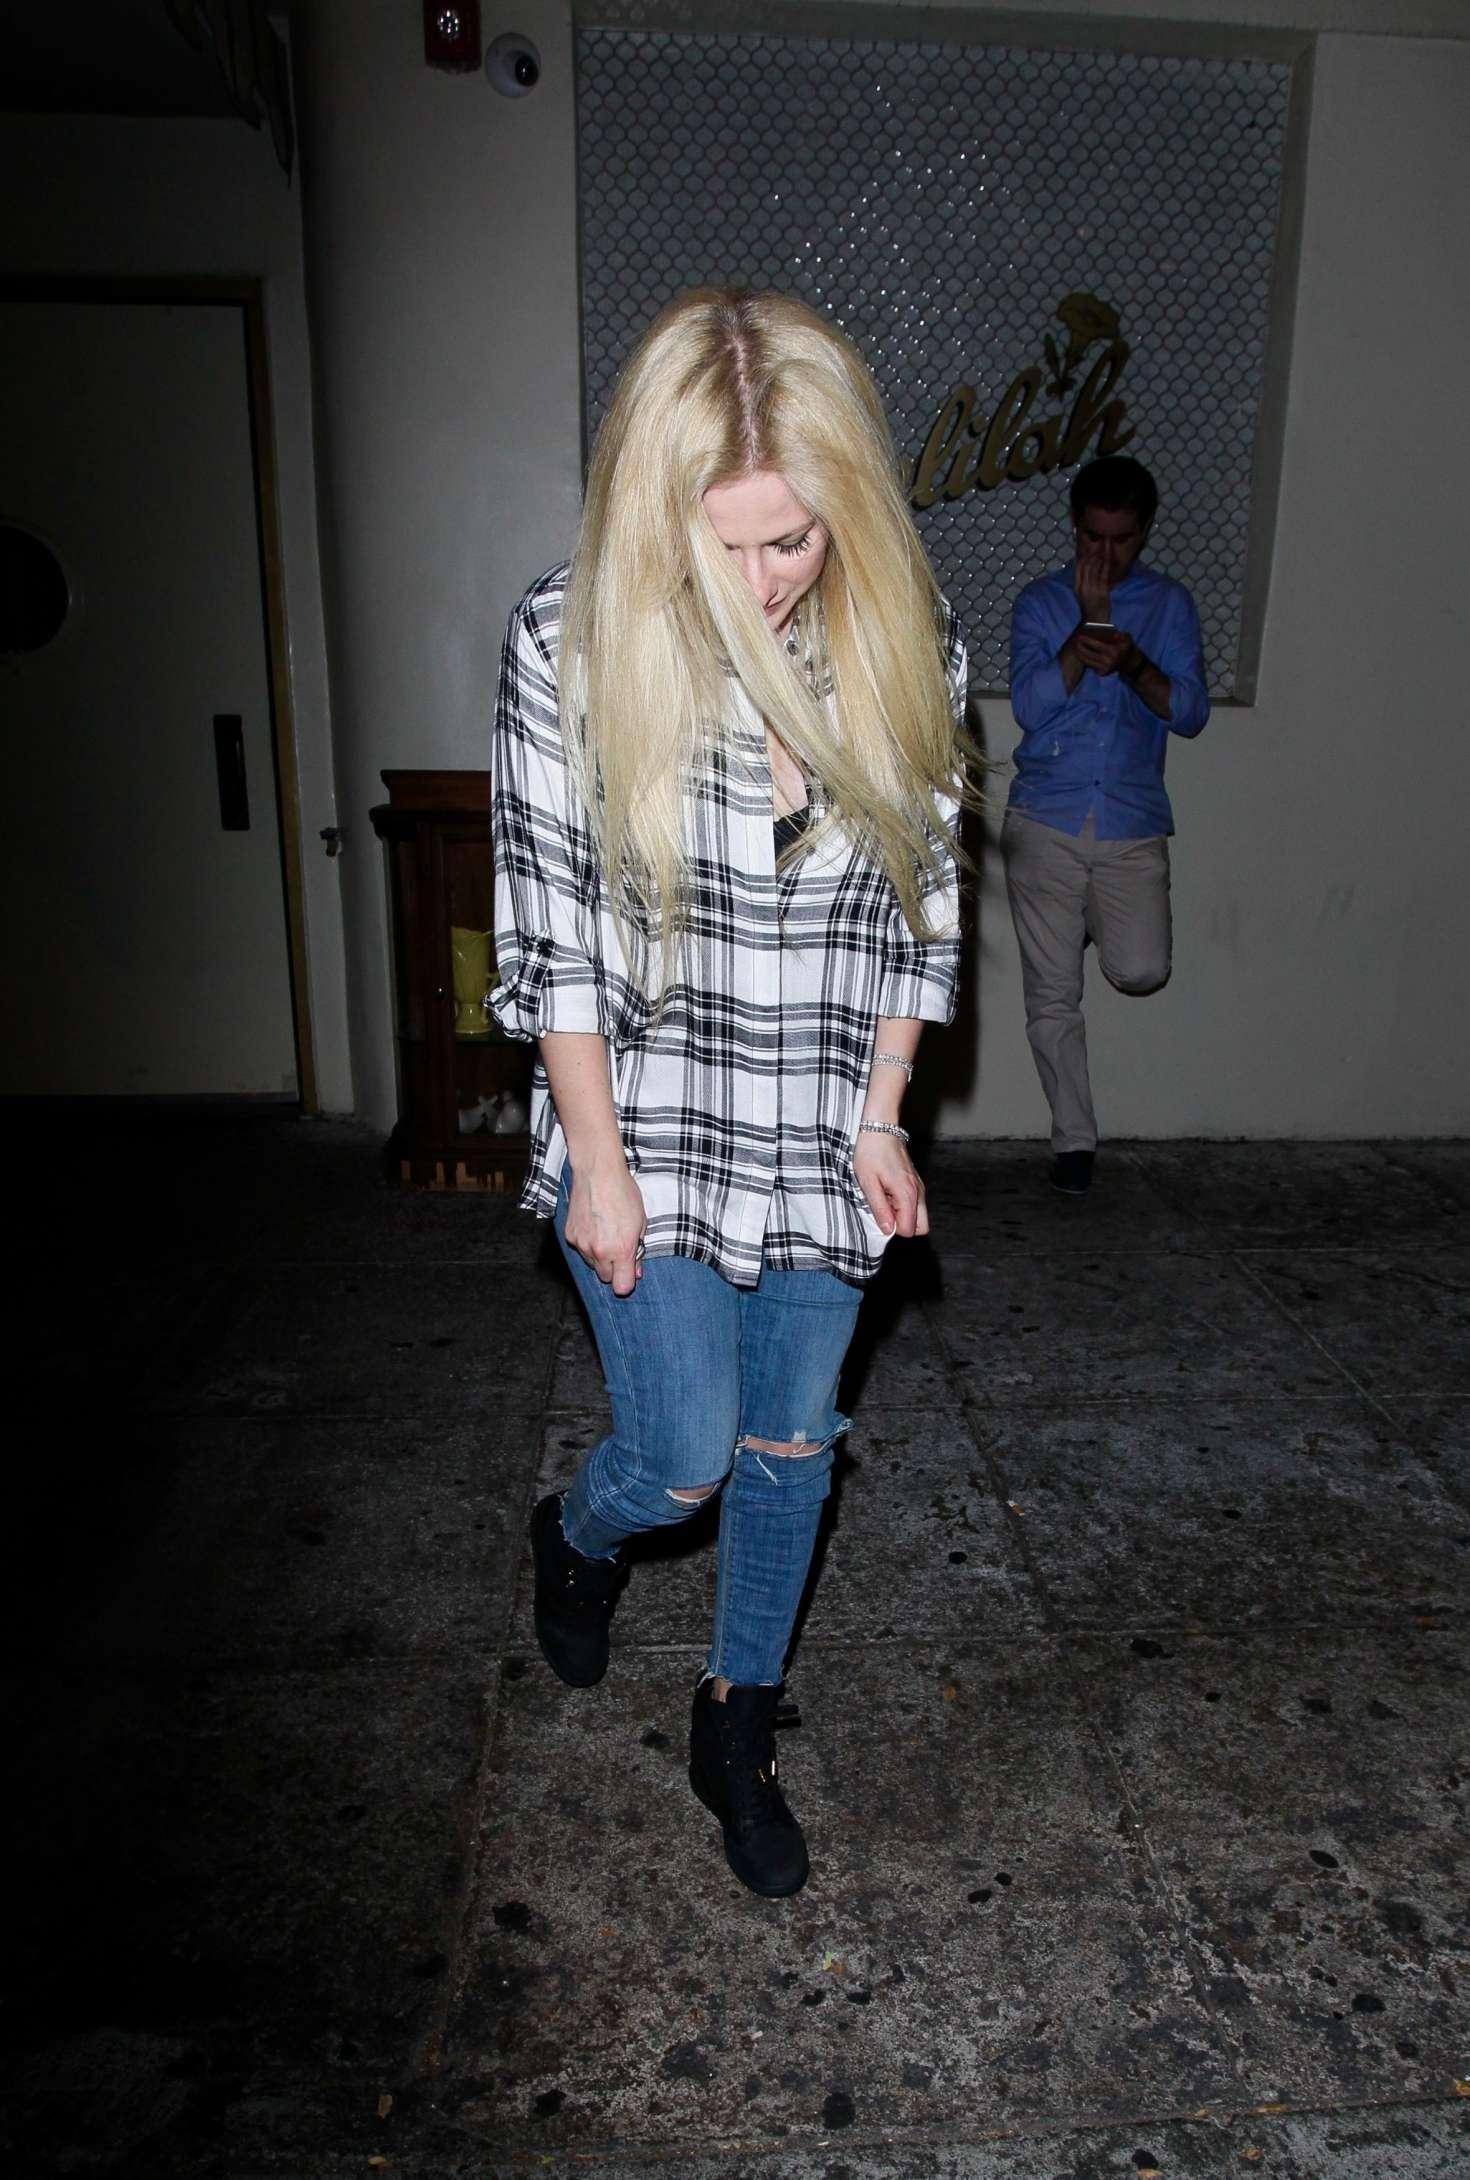 Avril Lavigne in Ripped Jeans Leaving Delilah's Restaurant in LA